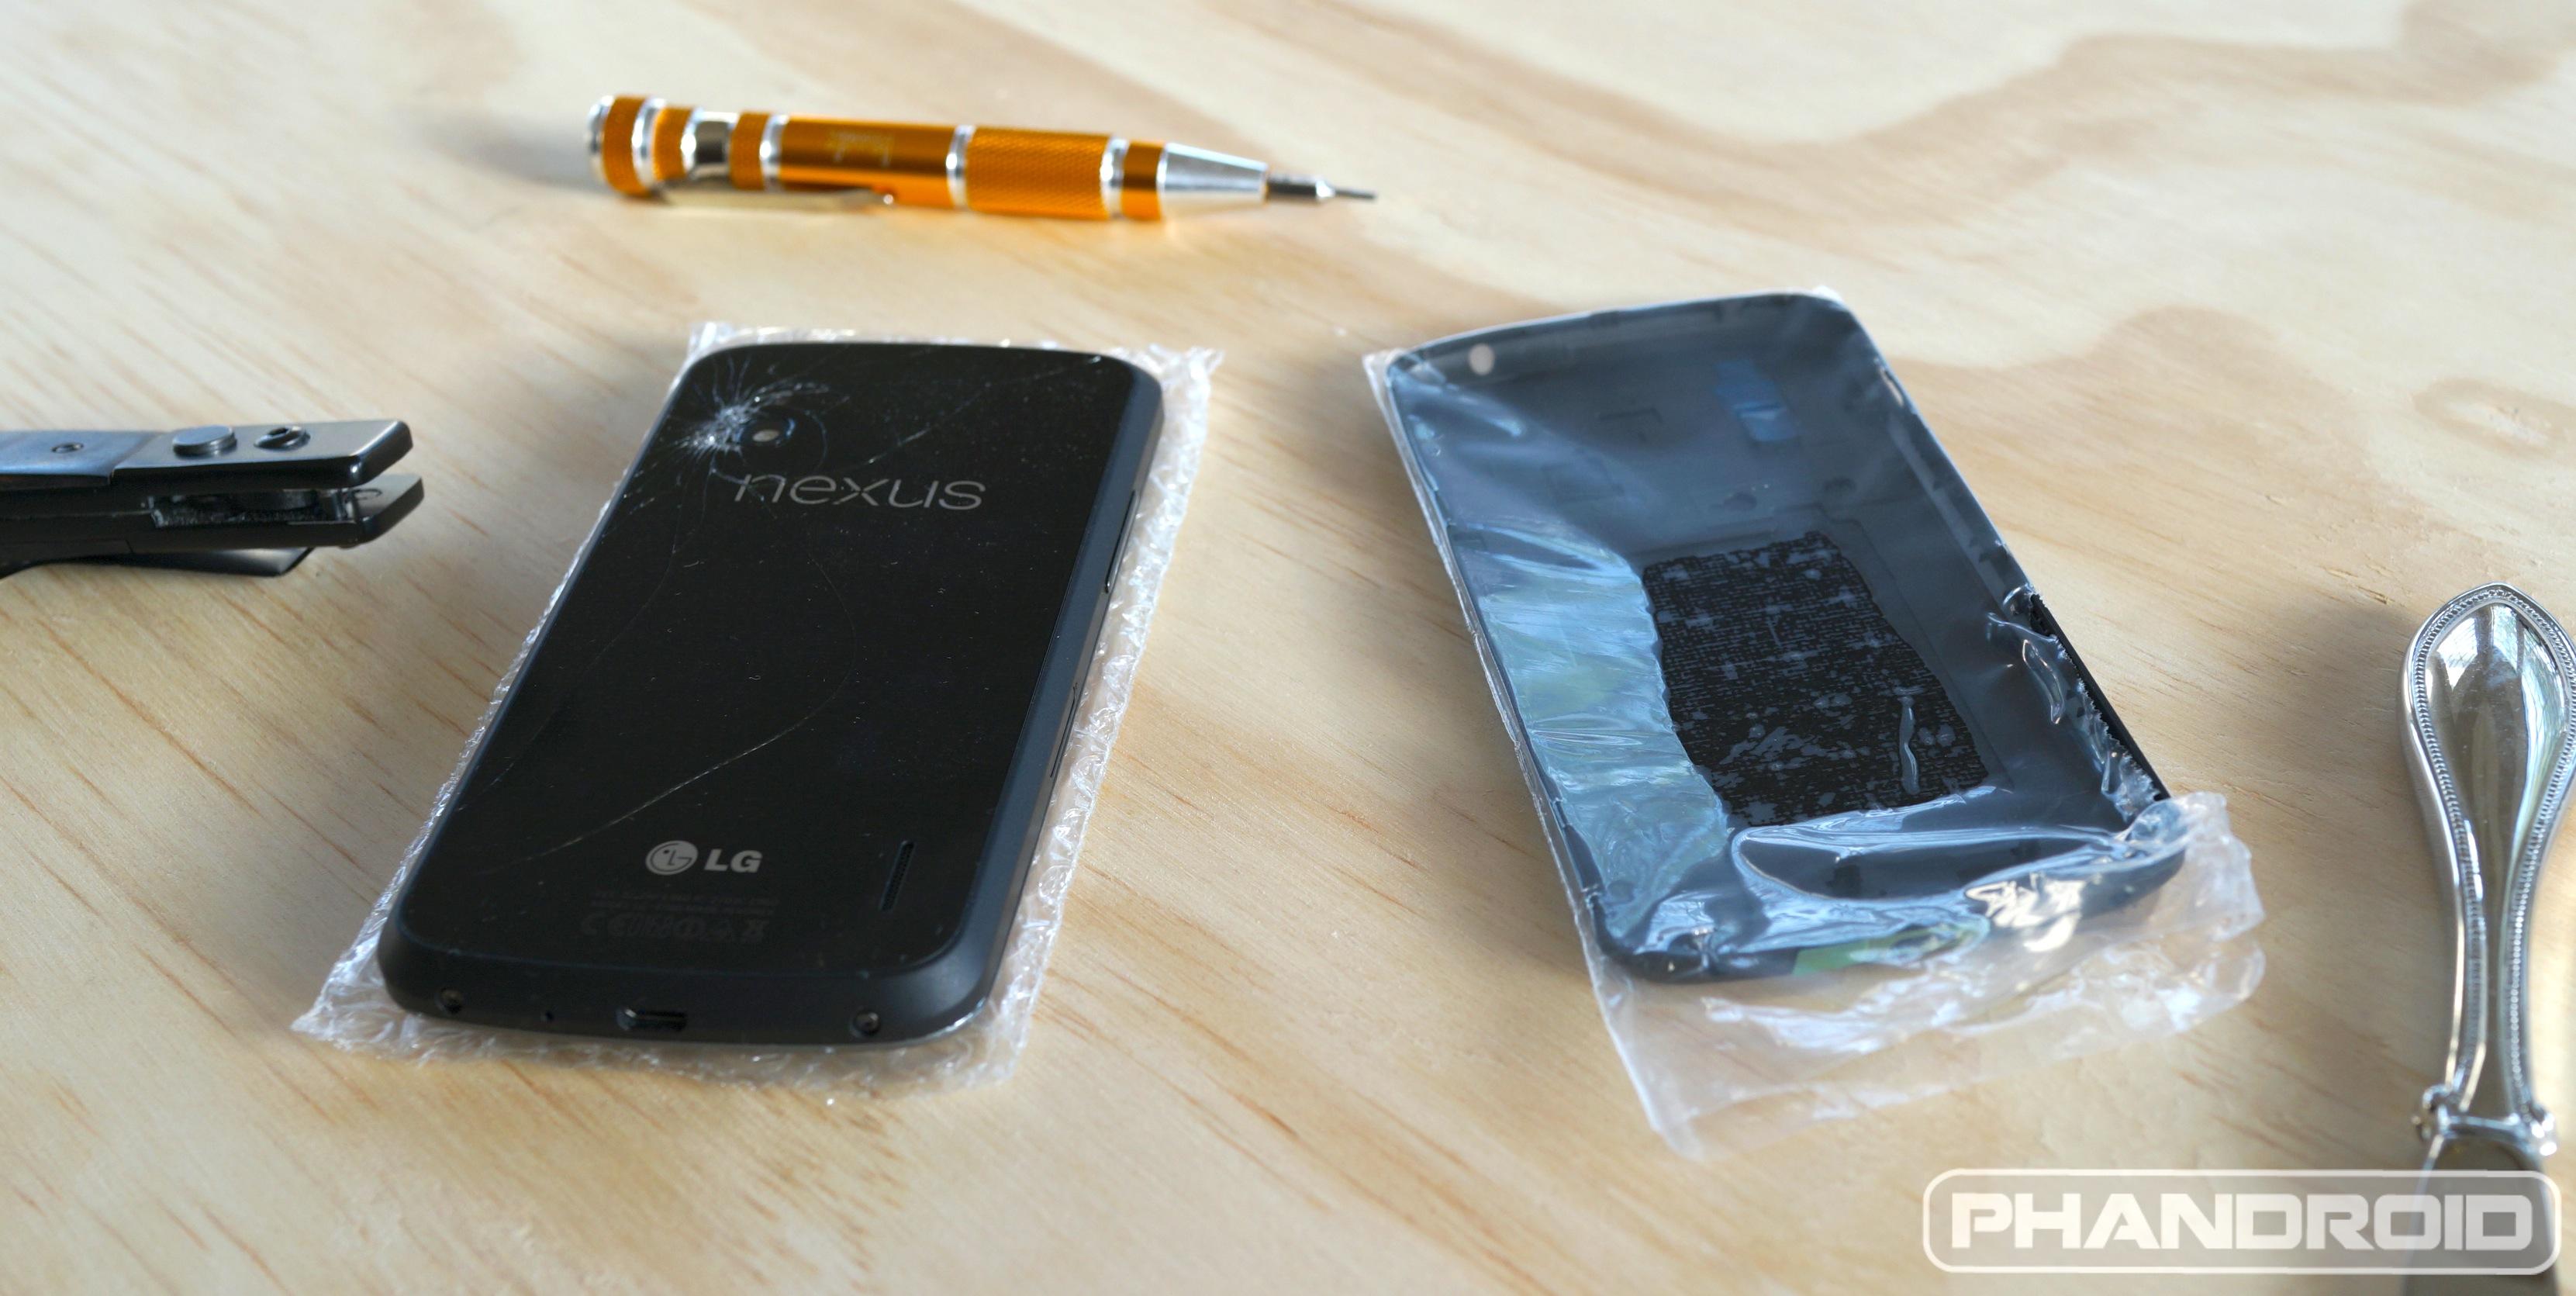 Troca de tela celular lg nexus 4, e977 tutorial completo.